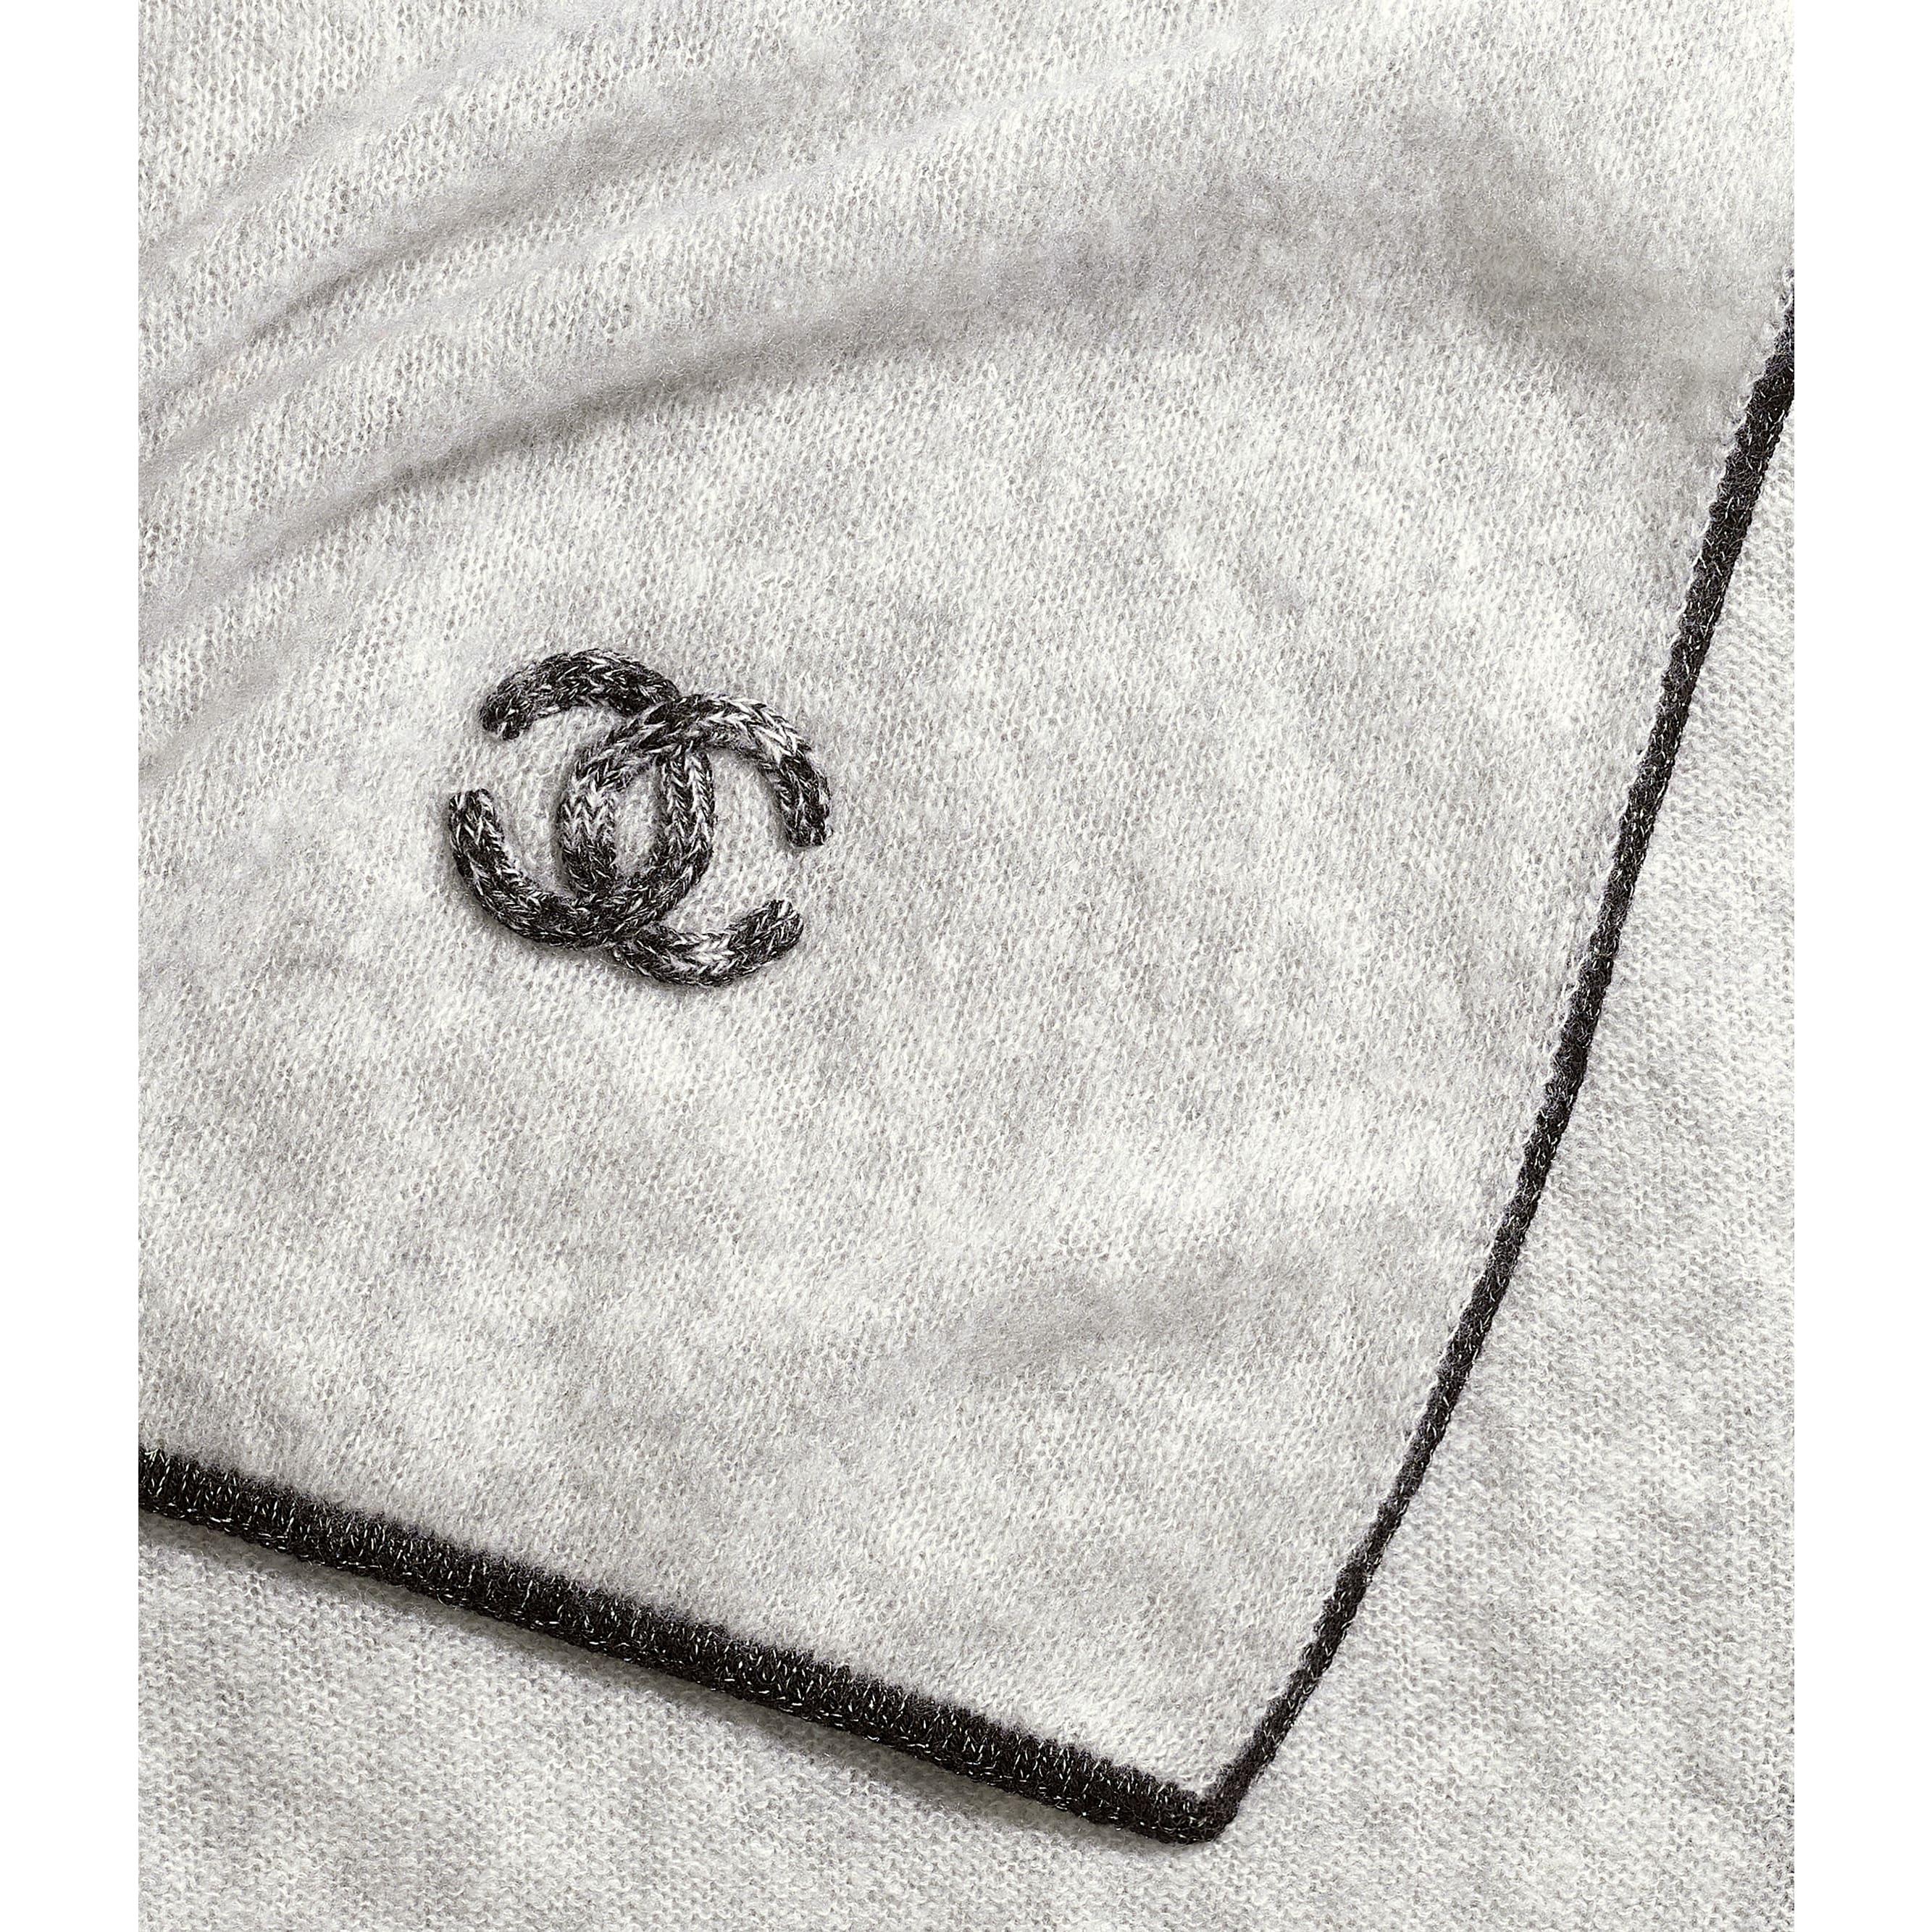 ผ้าพันคอ - สีเทา - ผ้าแคชเมียร์และผ้าไหม - มุมมองปัจจุบัน - ดูเวอร์ชันขนาดมาตรฐาน